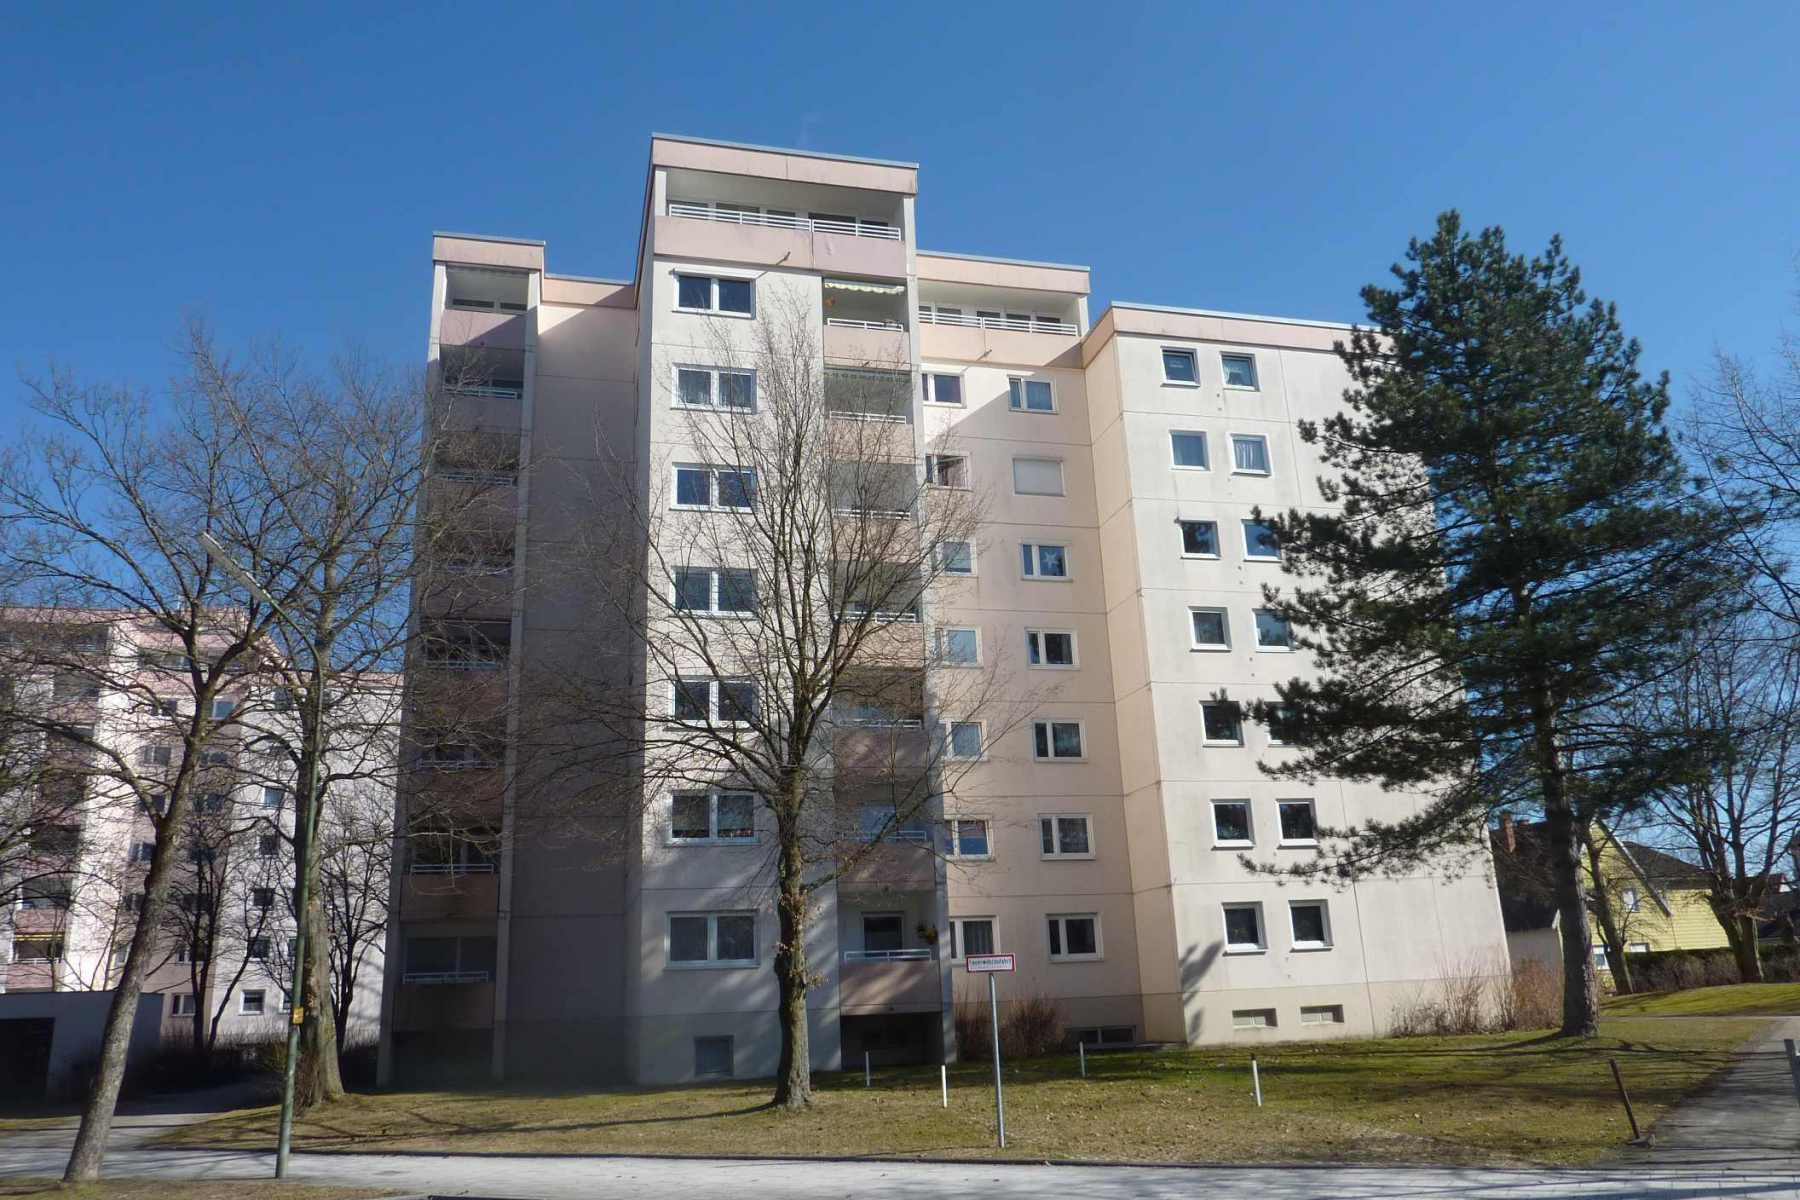 Fassaden-Betoninstandsetzung-Muenchen-4